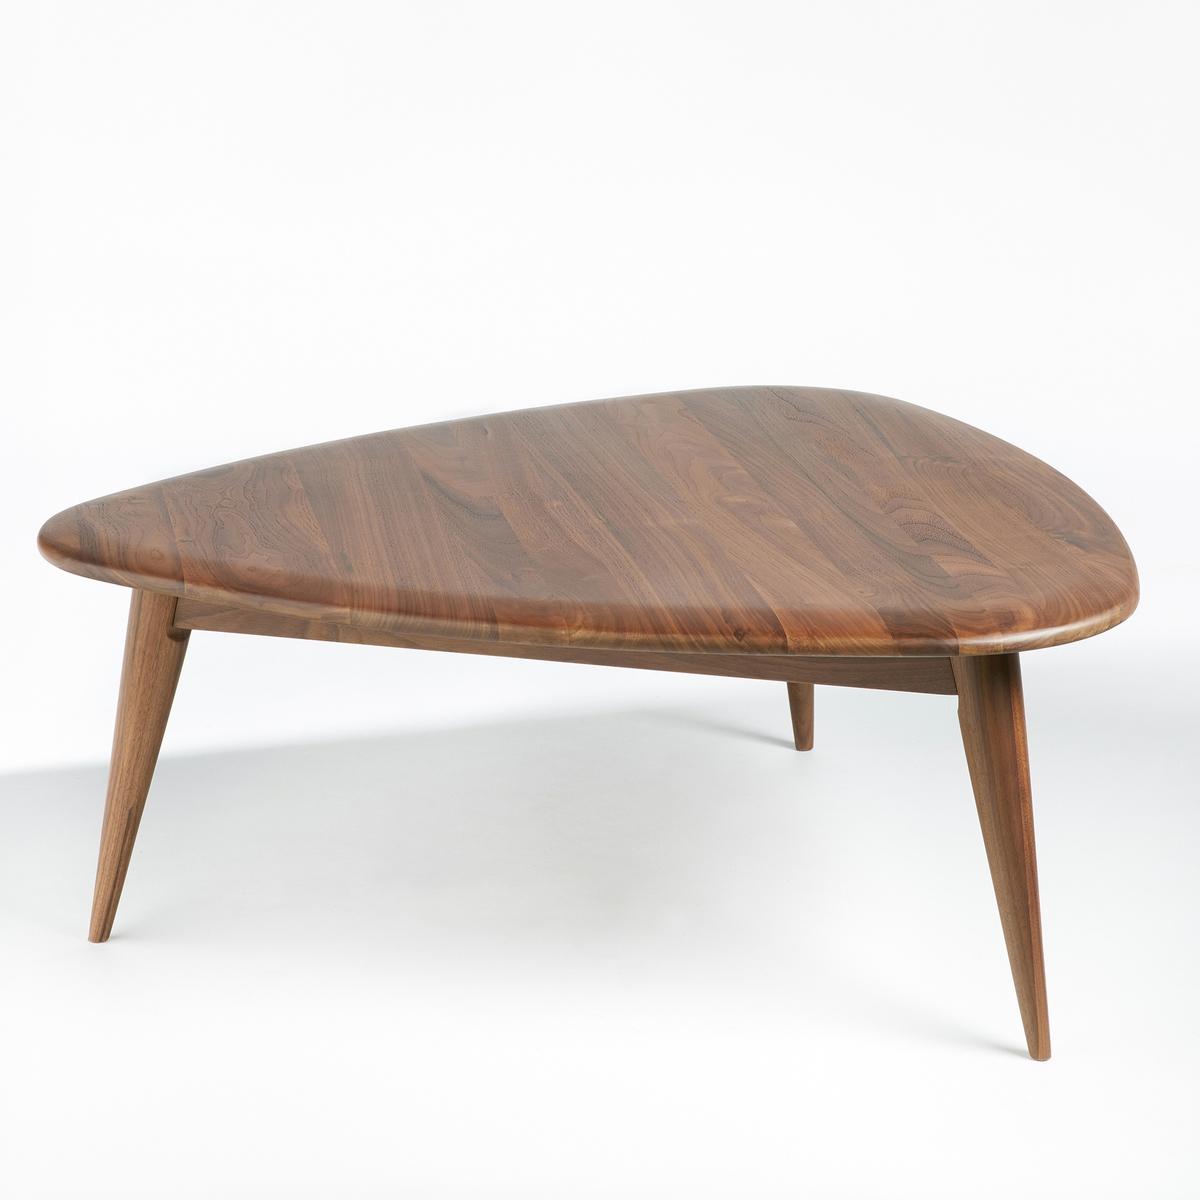 Столик La Redoute Журнальный из массива орехового дерева Tholeine маленькая модель единый размер каштановый